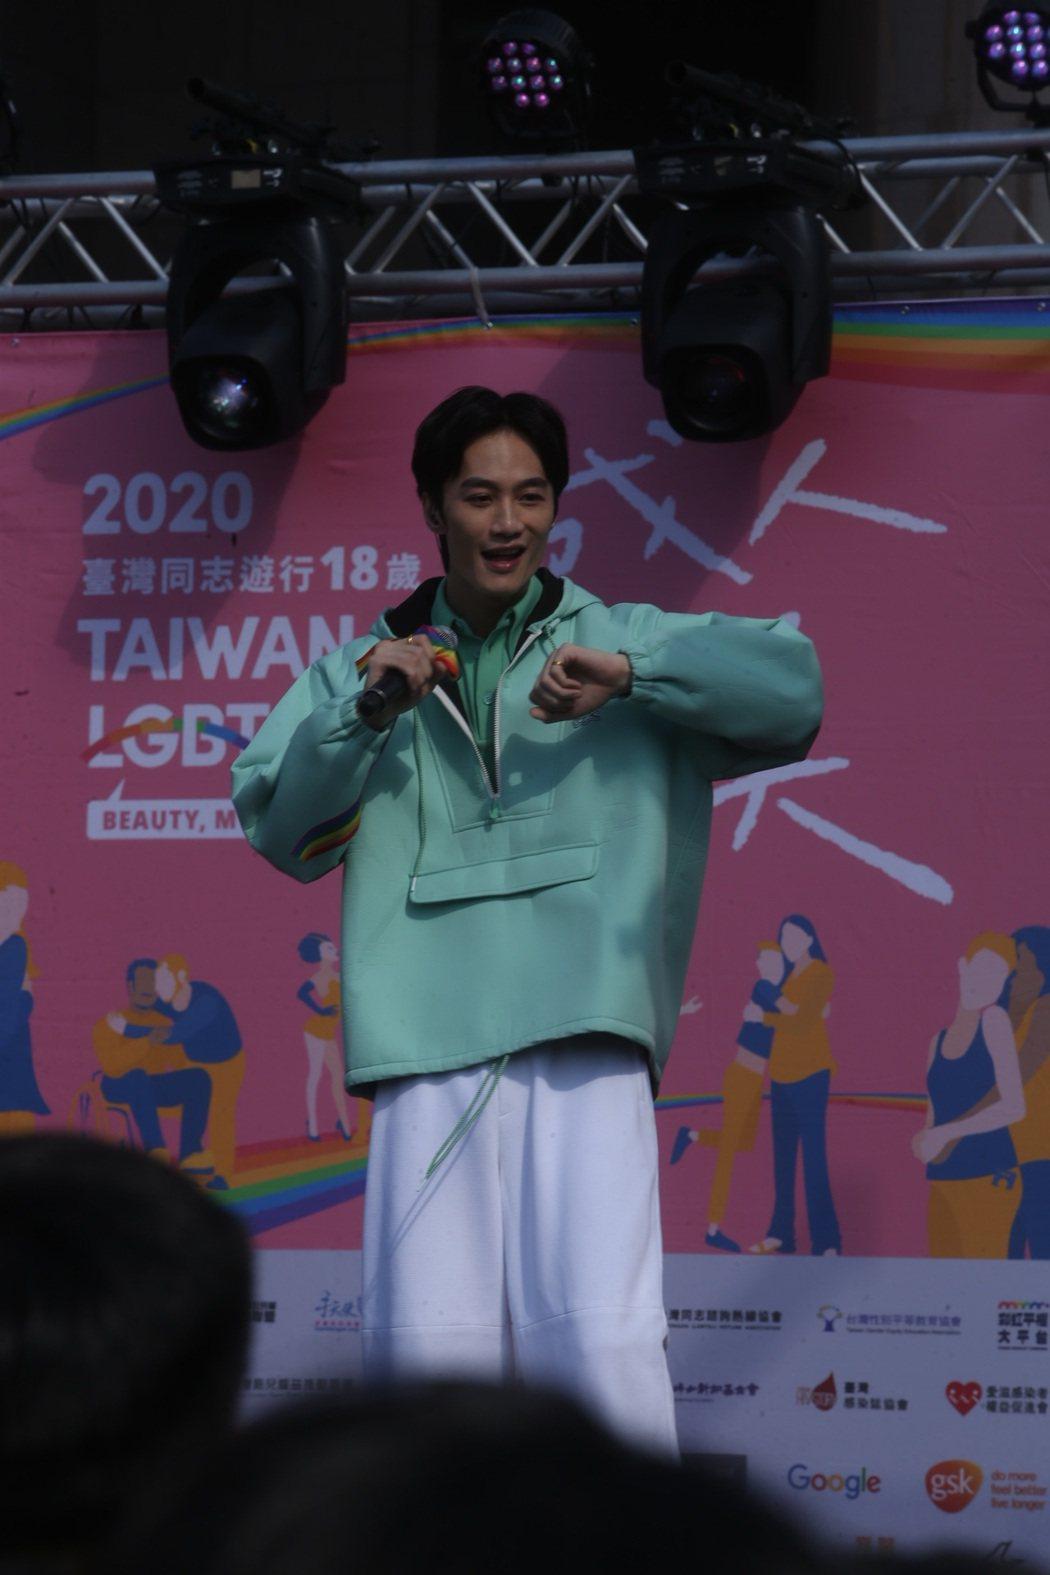 李英宏在第18屆台灣同志遊行獻唱多首歌曲。記者曾吉松/攝影